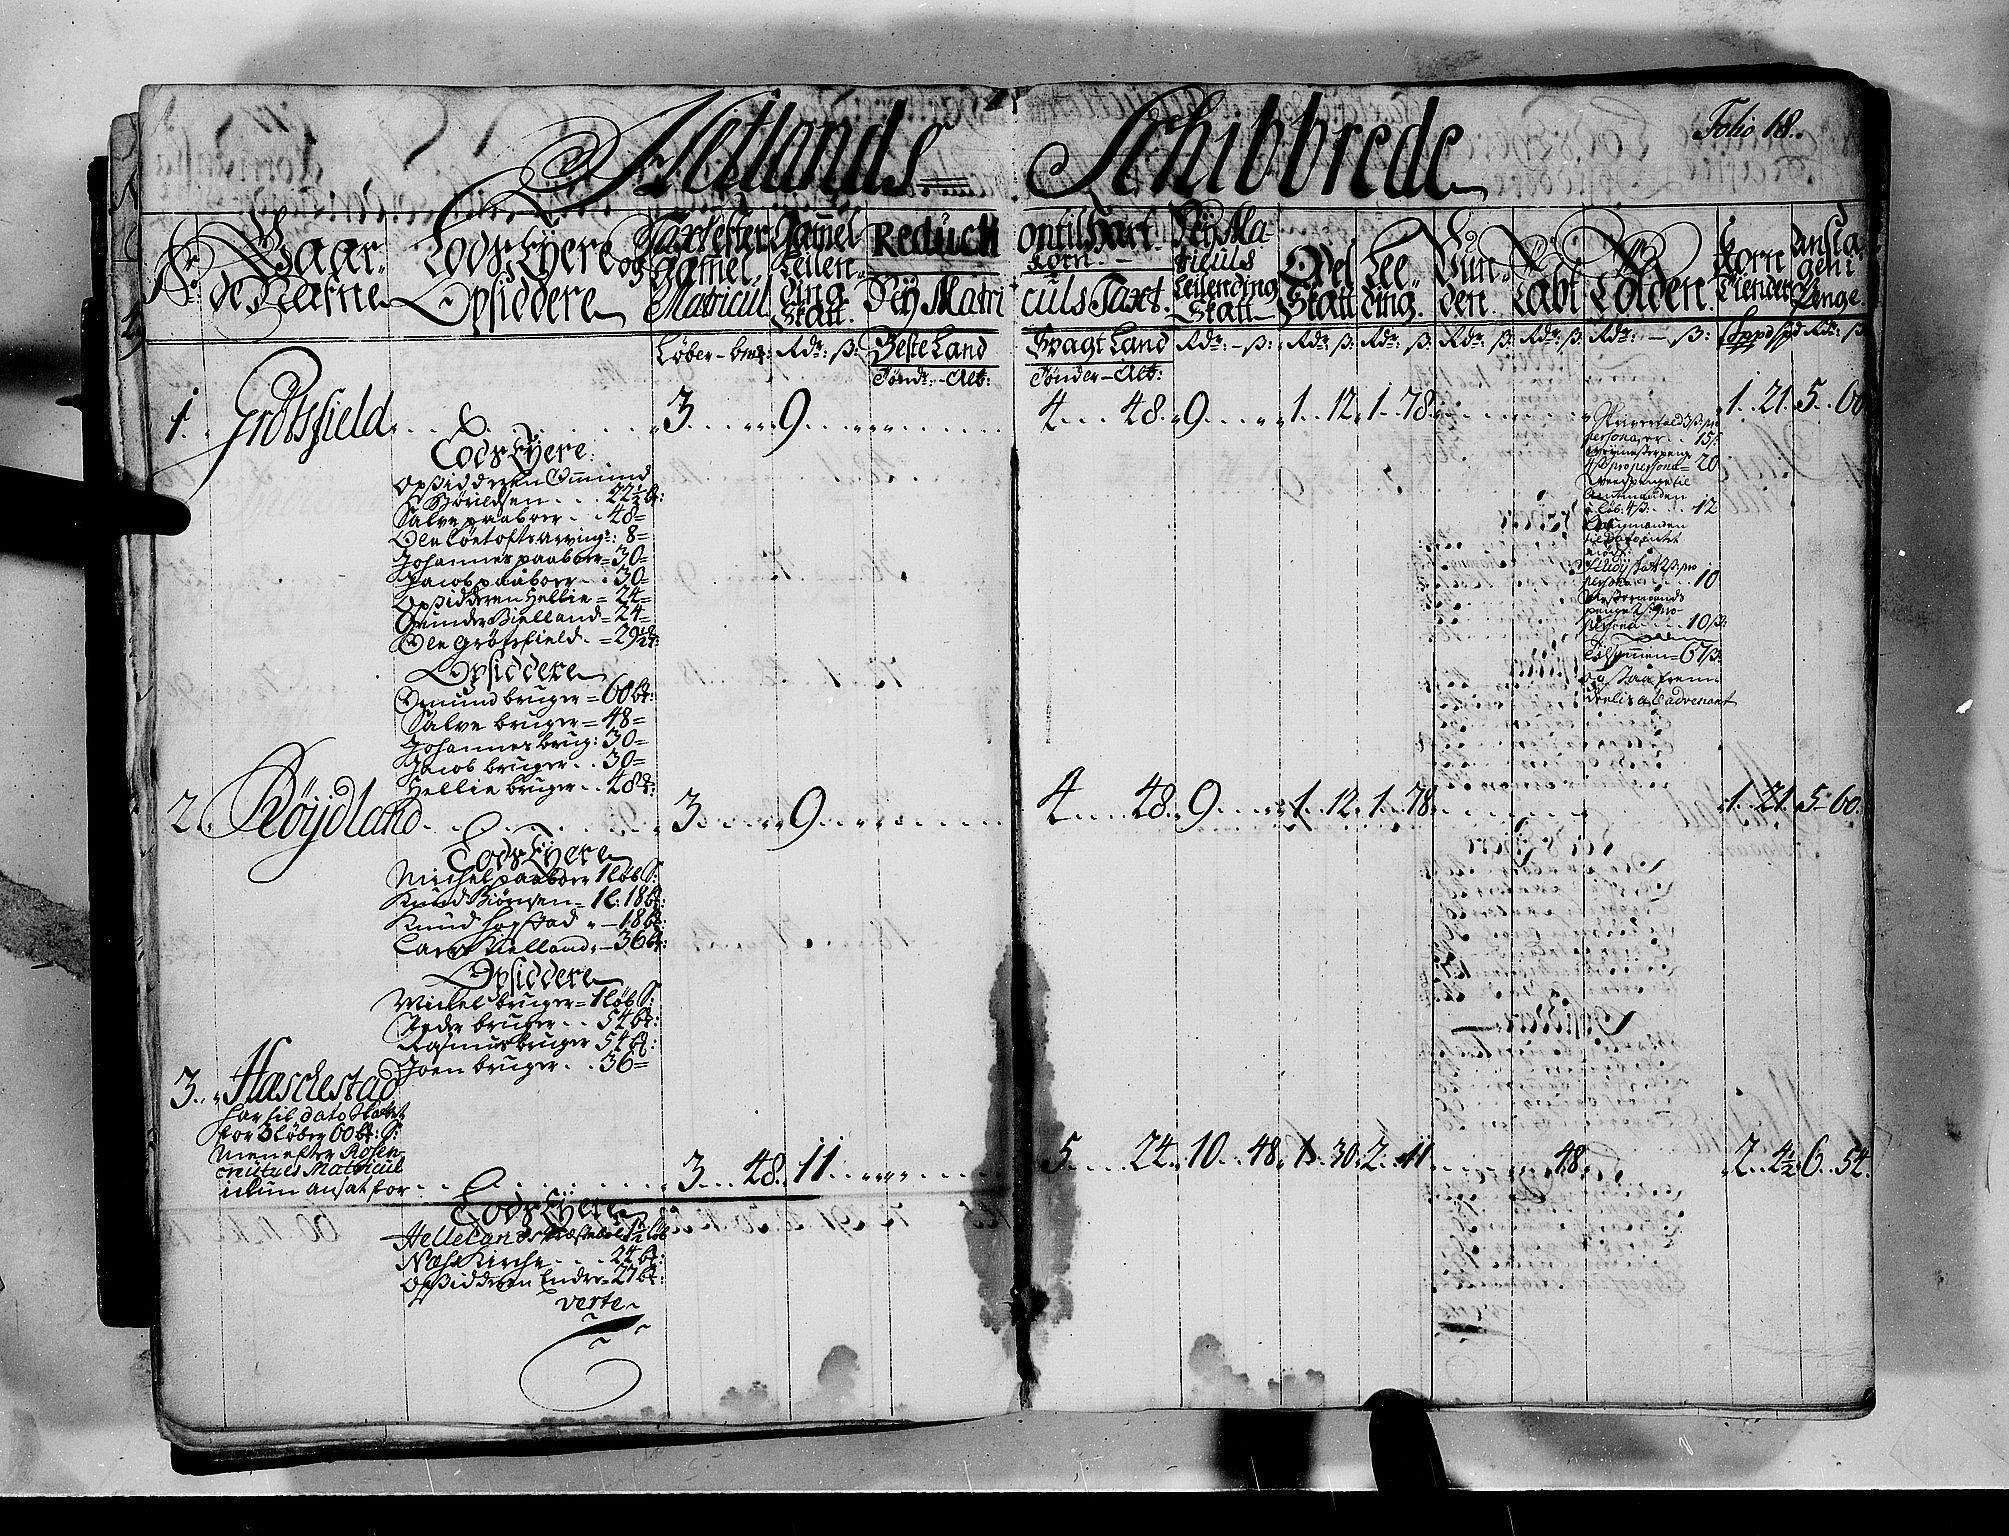 RA, Rentekammeret inntil 1814, Realistisk ordnet avdeling, N/Nb/Nbf/L0132: Jæren og Dalane matrikkelprotokoll, 1723, s. 17b-18a